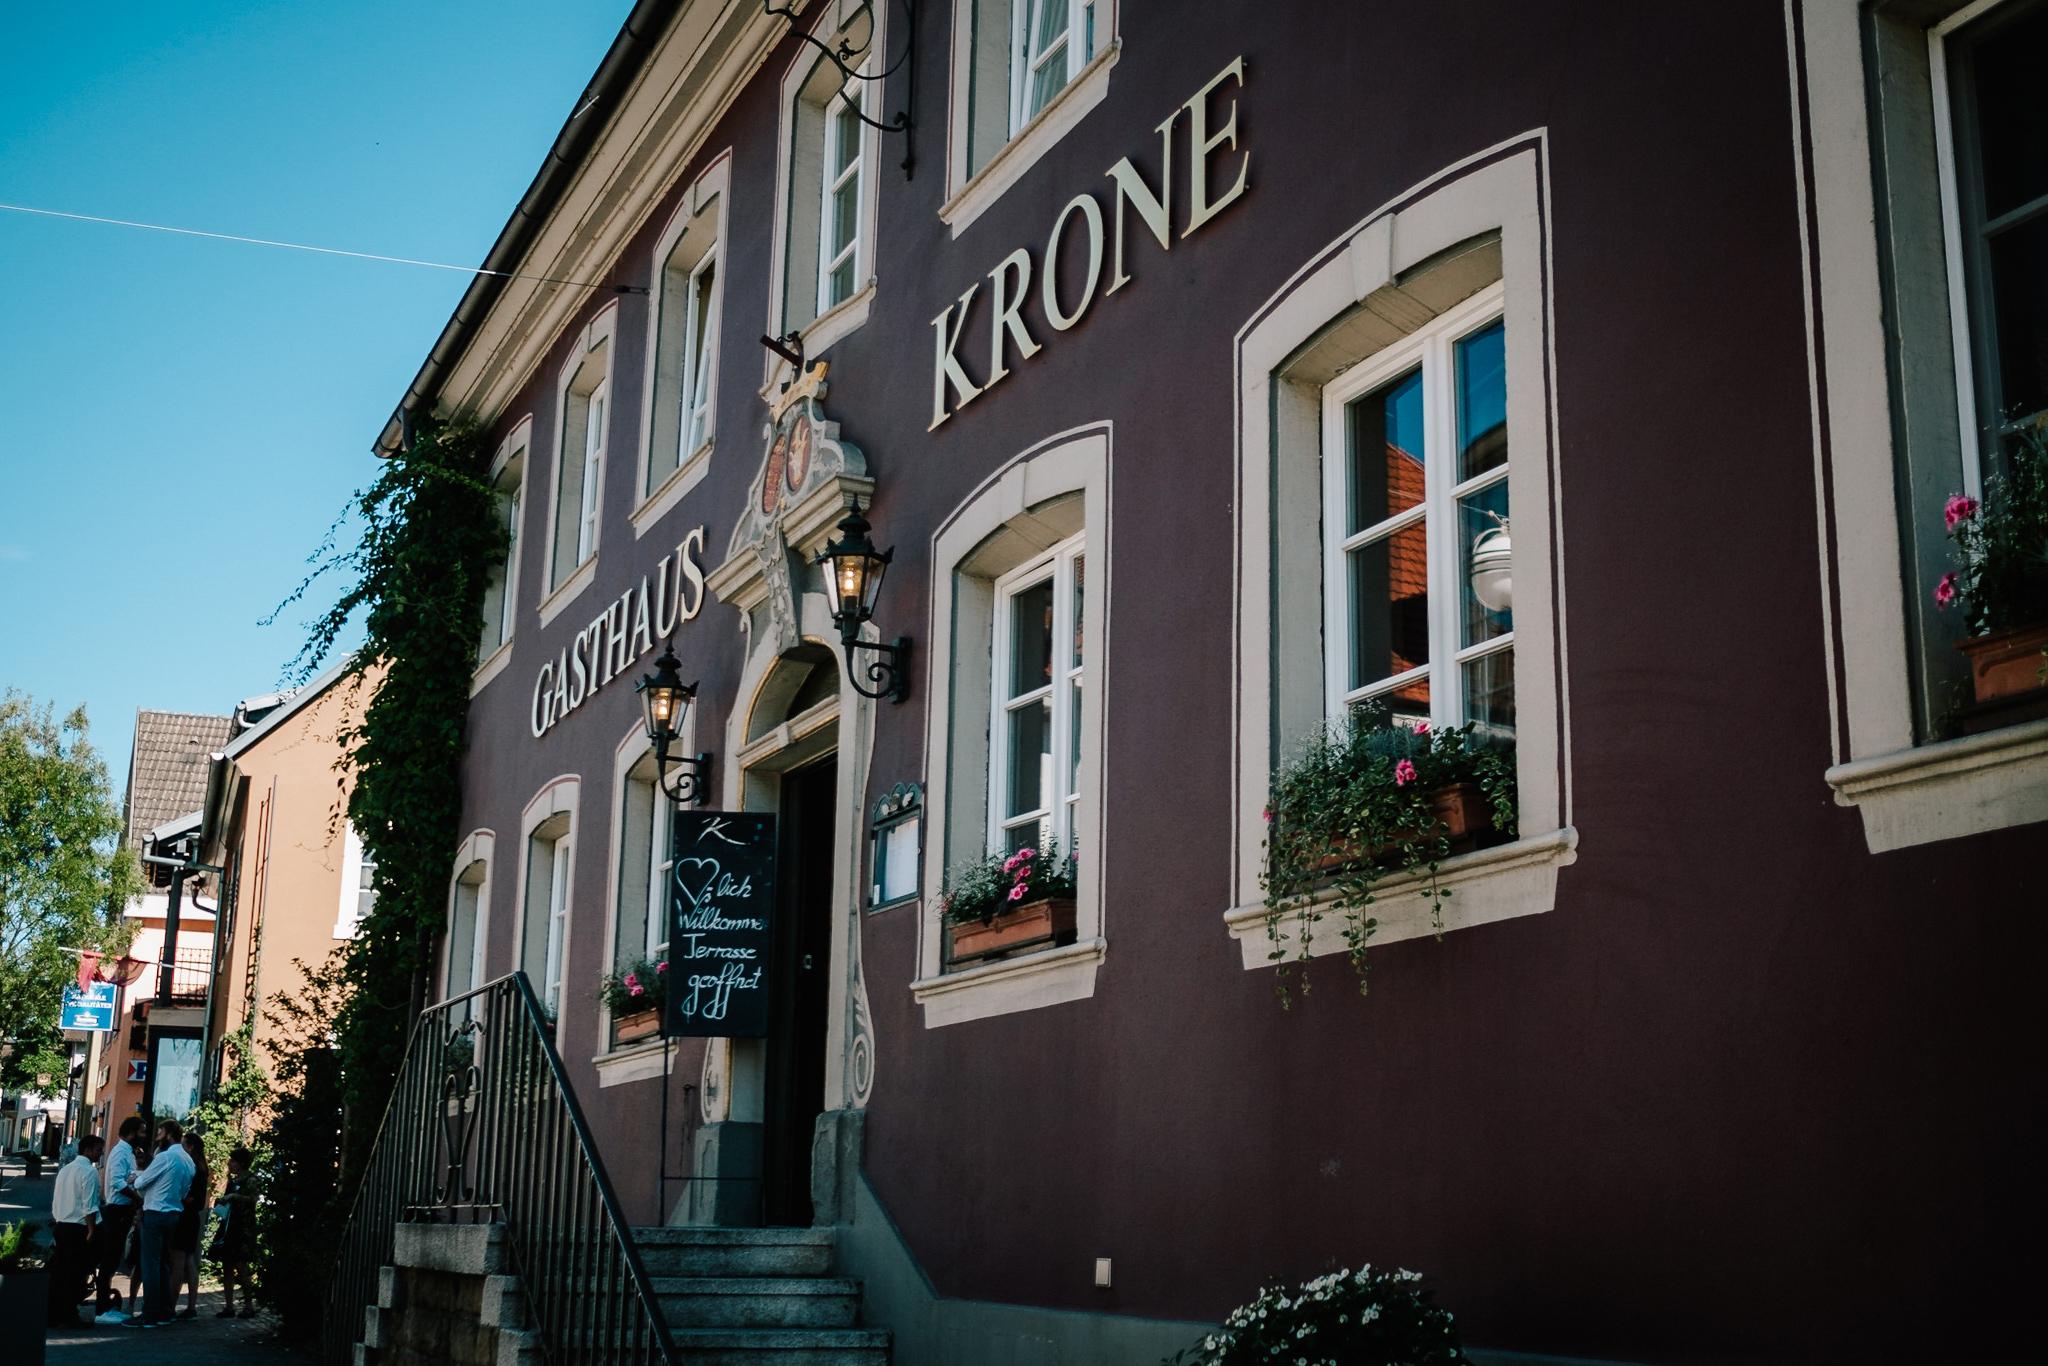 070-Hochzeit-Landhotel-Krone-Hochzeitsfotograf-Freiburg-Schweiz